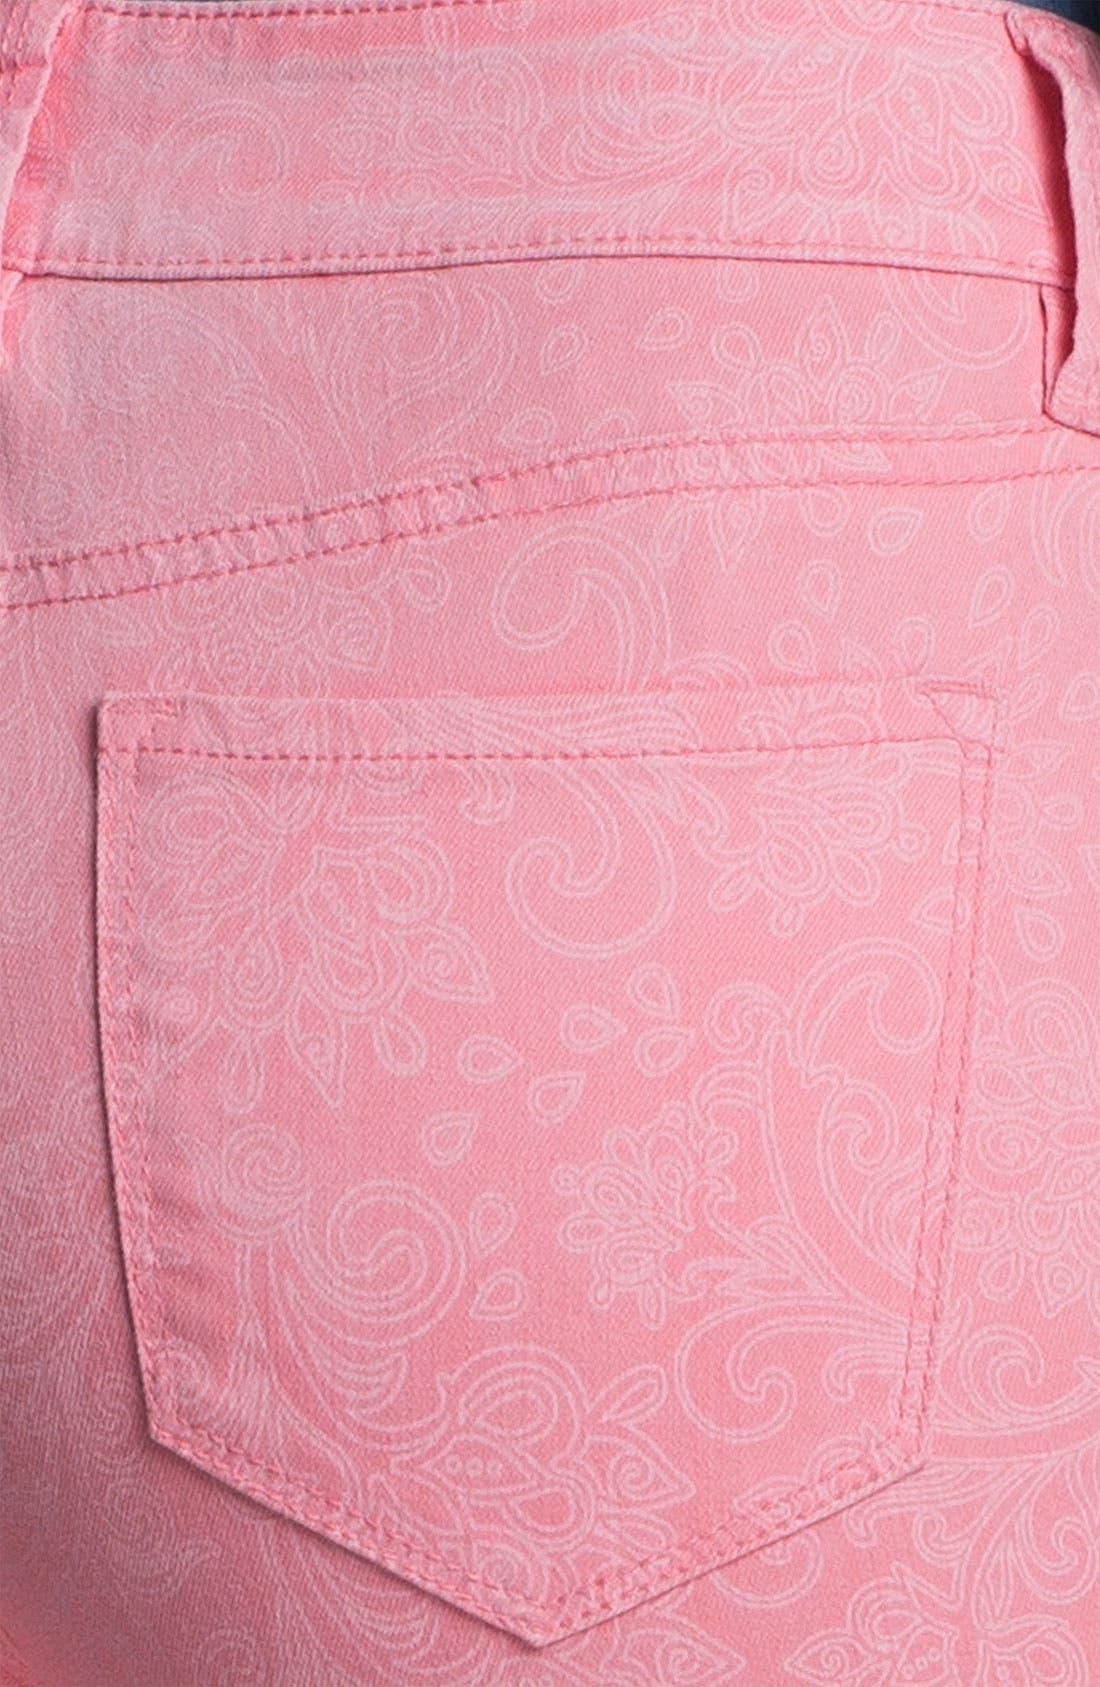 Alternate Image 2  - NYDJ 'Alisha' Paisley Print Ankle Jeans